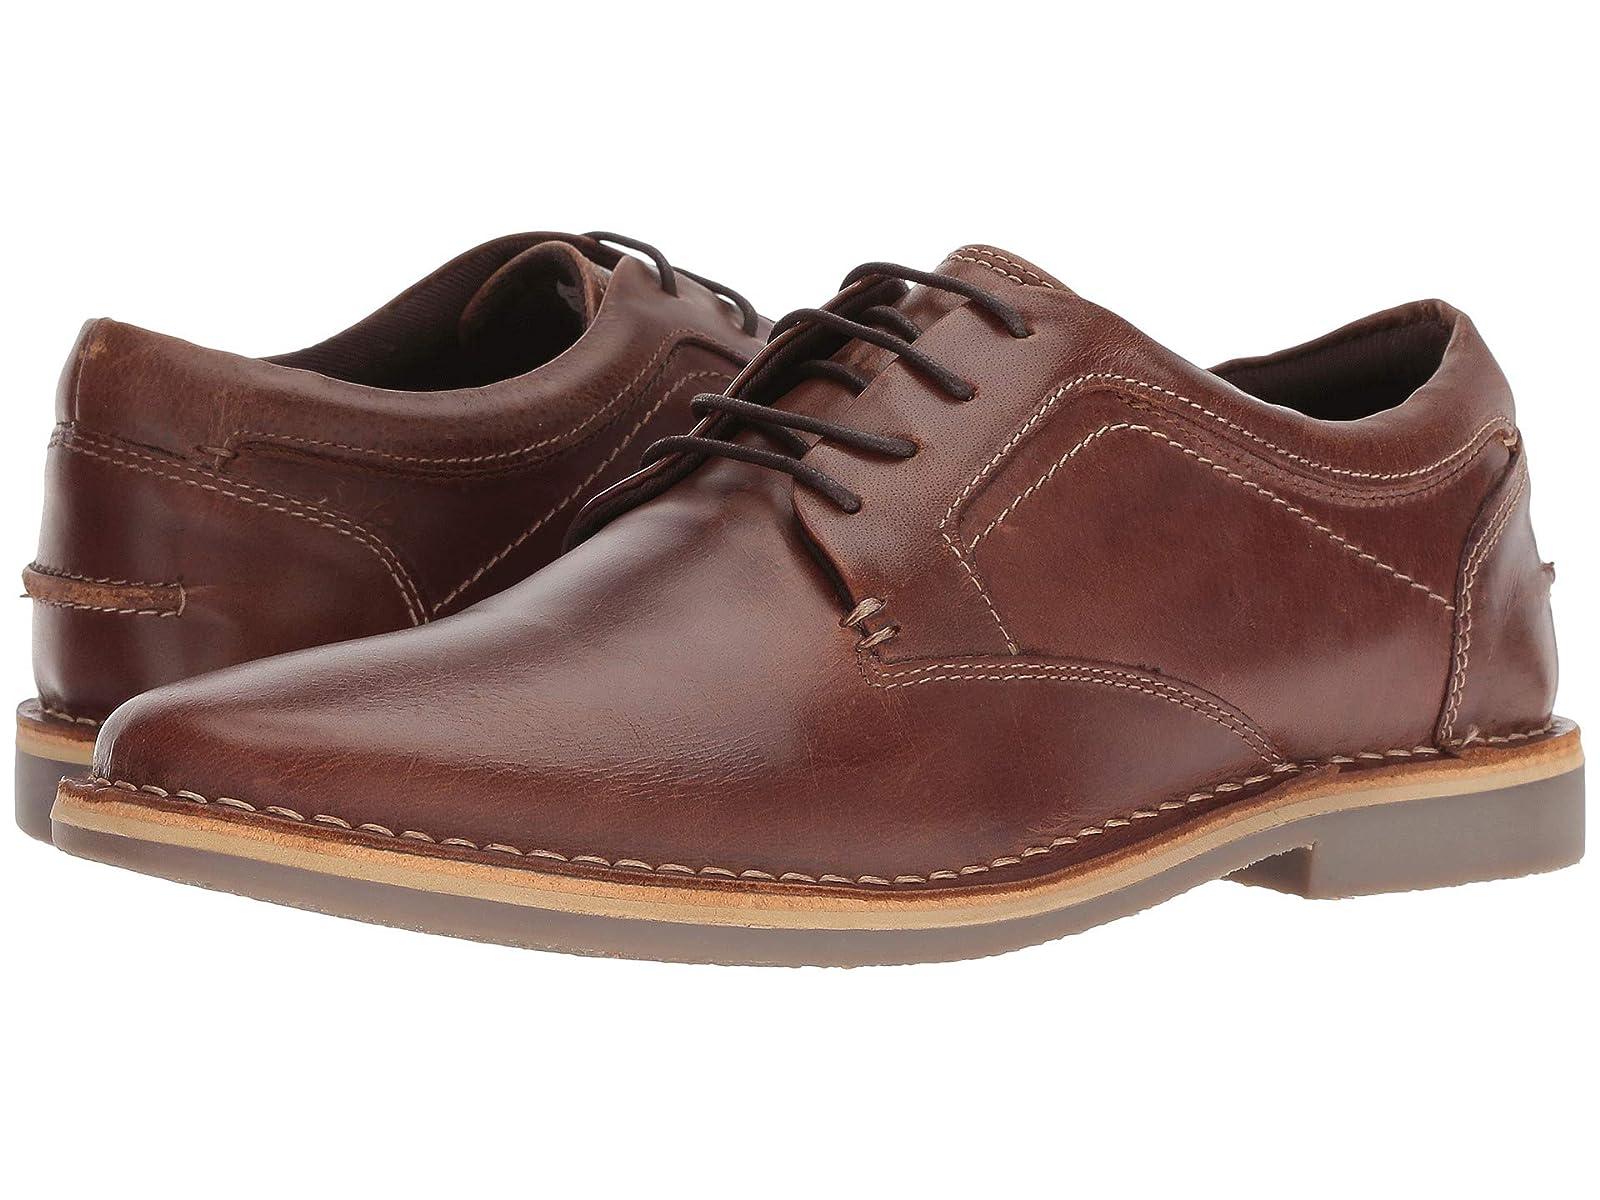 Steve Madden HarverAtmospheric grades have affordable shoes